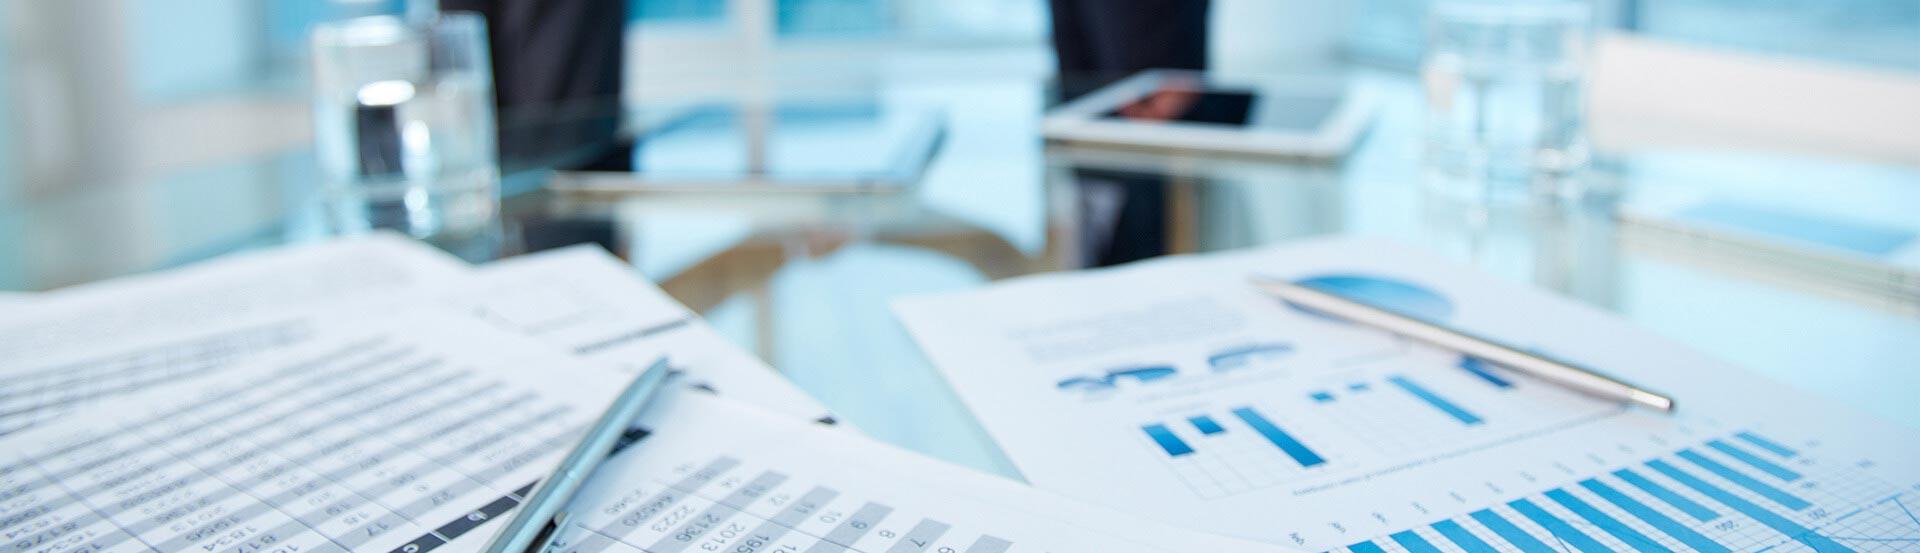 Outils SIRH: Aide à la gestion de l'épargne salariale en ligne